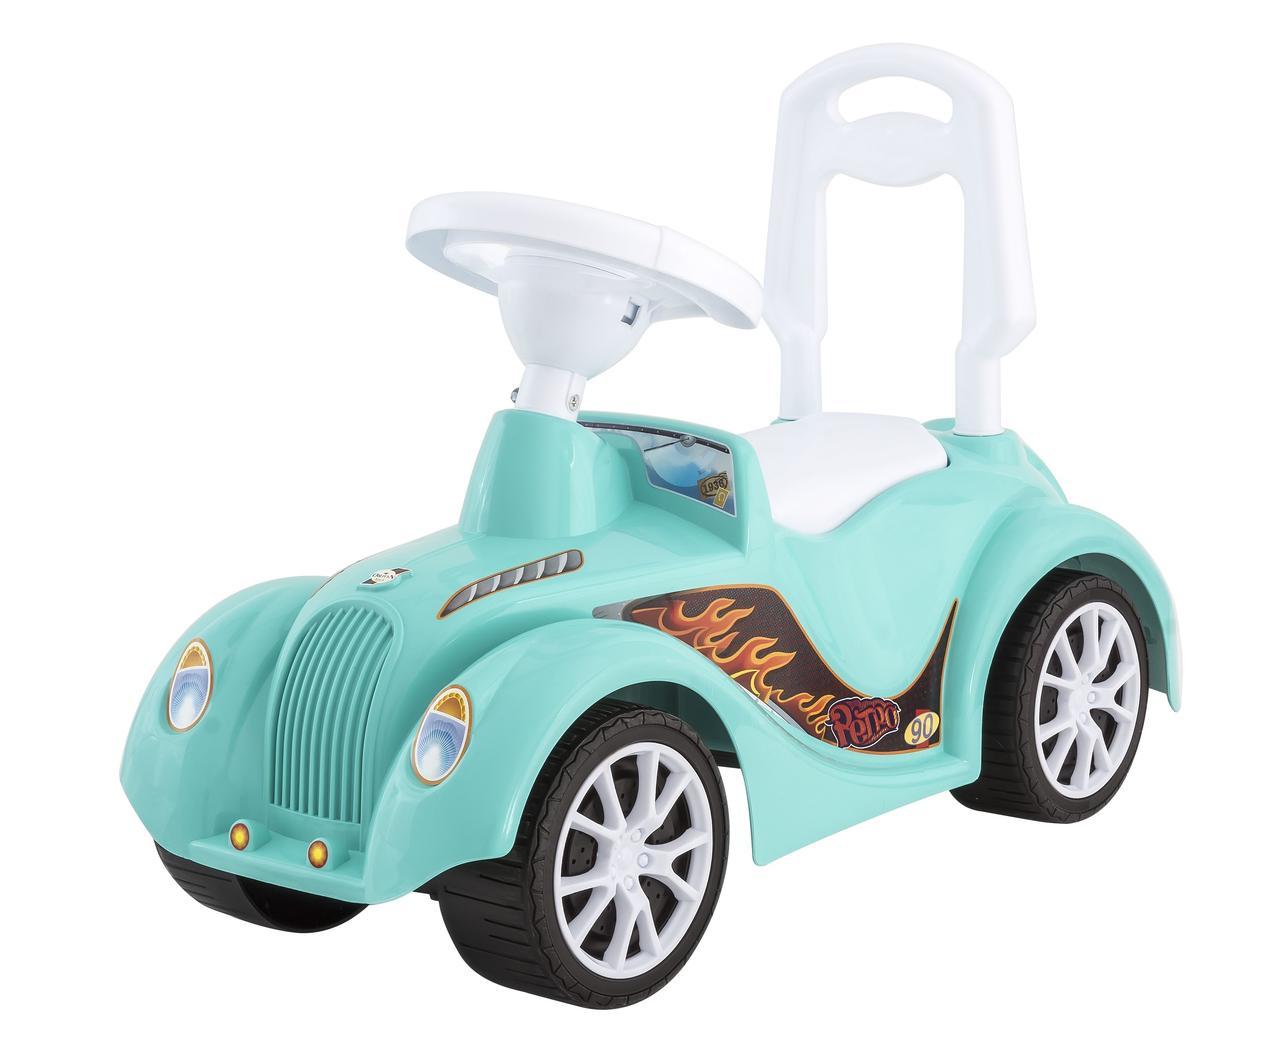 Машинка каталка Ретро Оріон морська хвиля (900 blue)